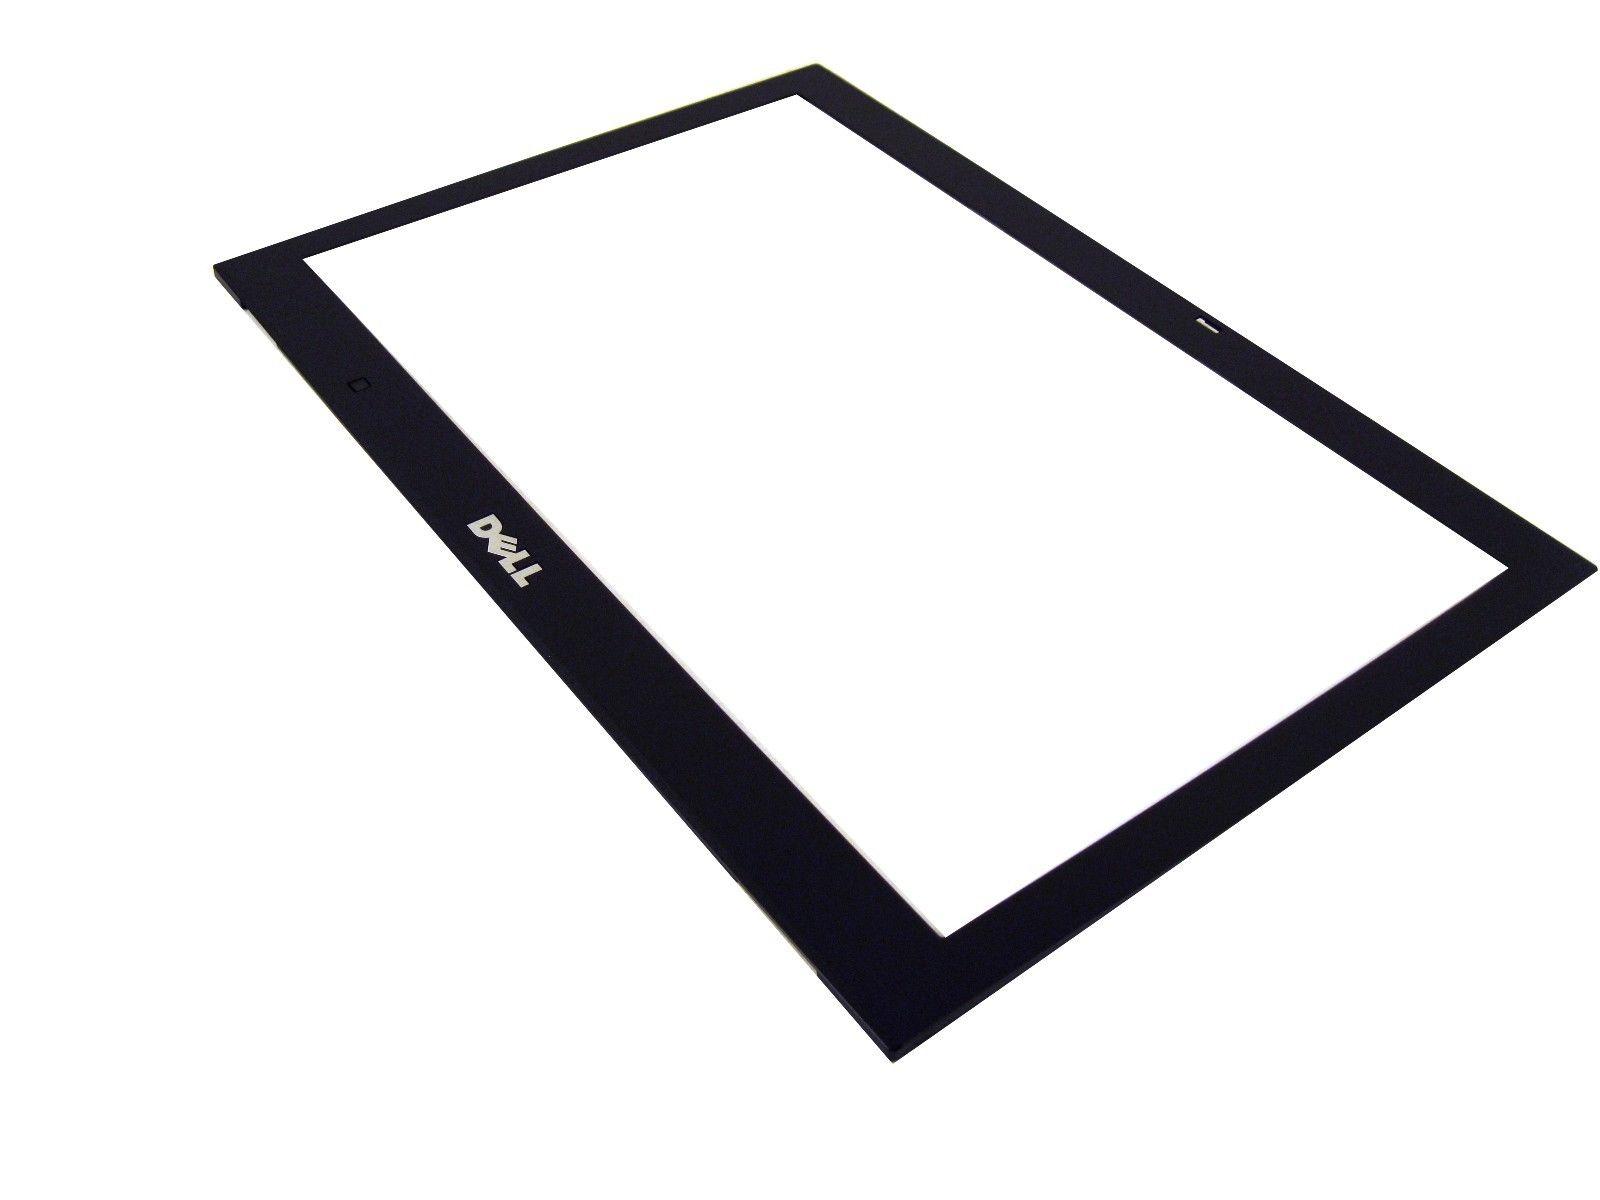 DELL H301T Latitude E6400/Precision M2400 Screen Front Panel Display Bezel